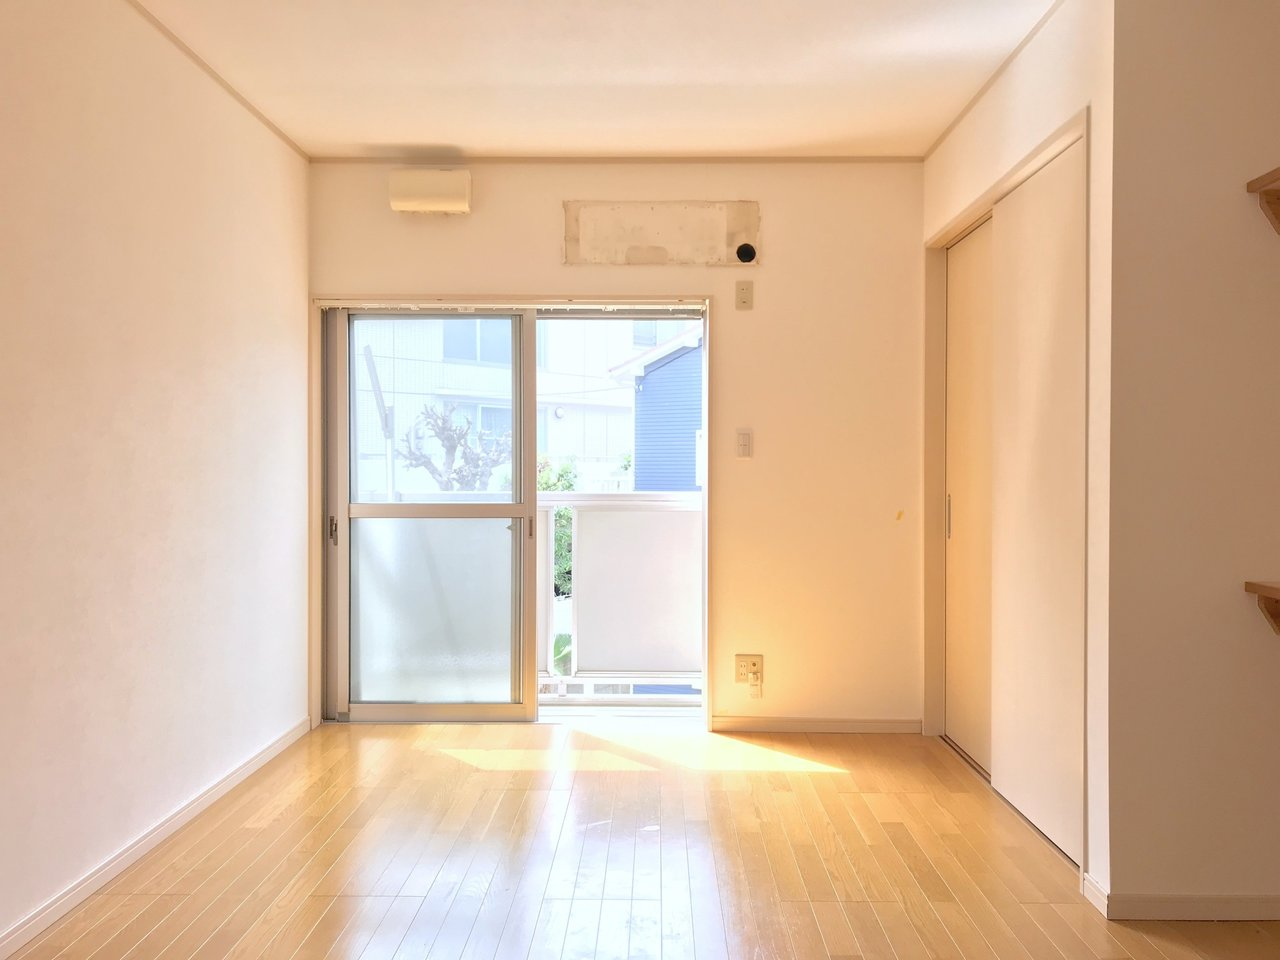 南西向きの大きな窓から明るい陽射しが差し込む1DKのお部屋です。